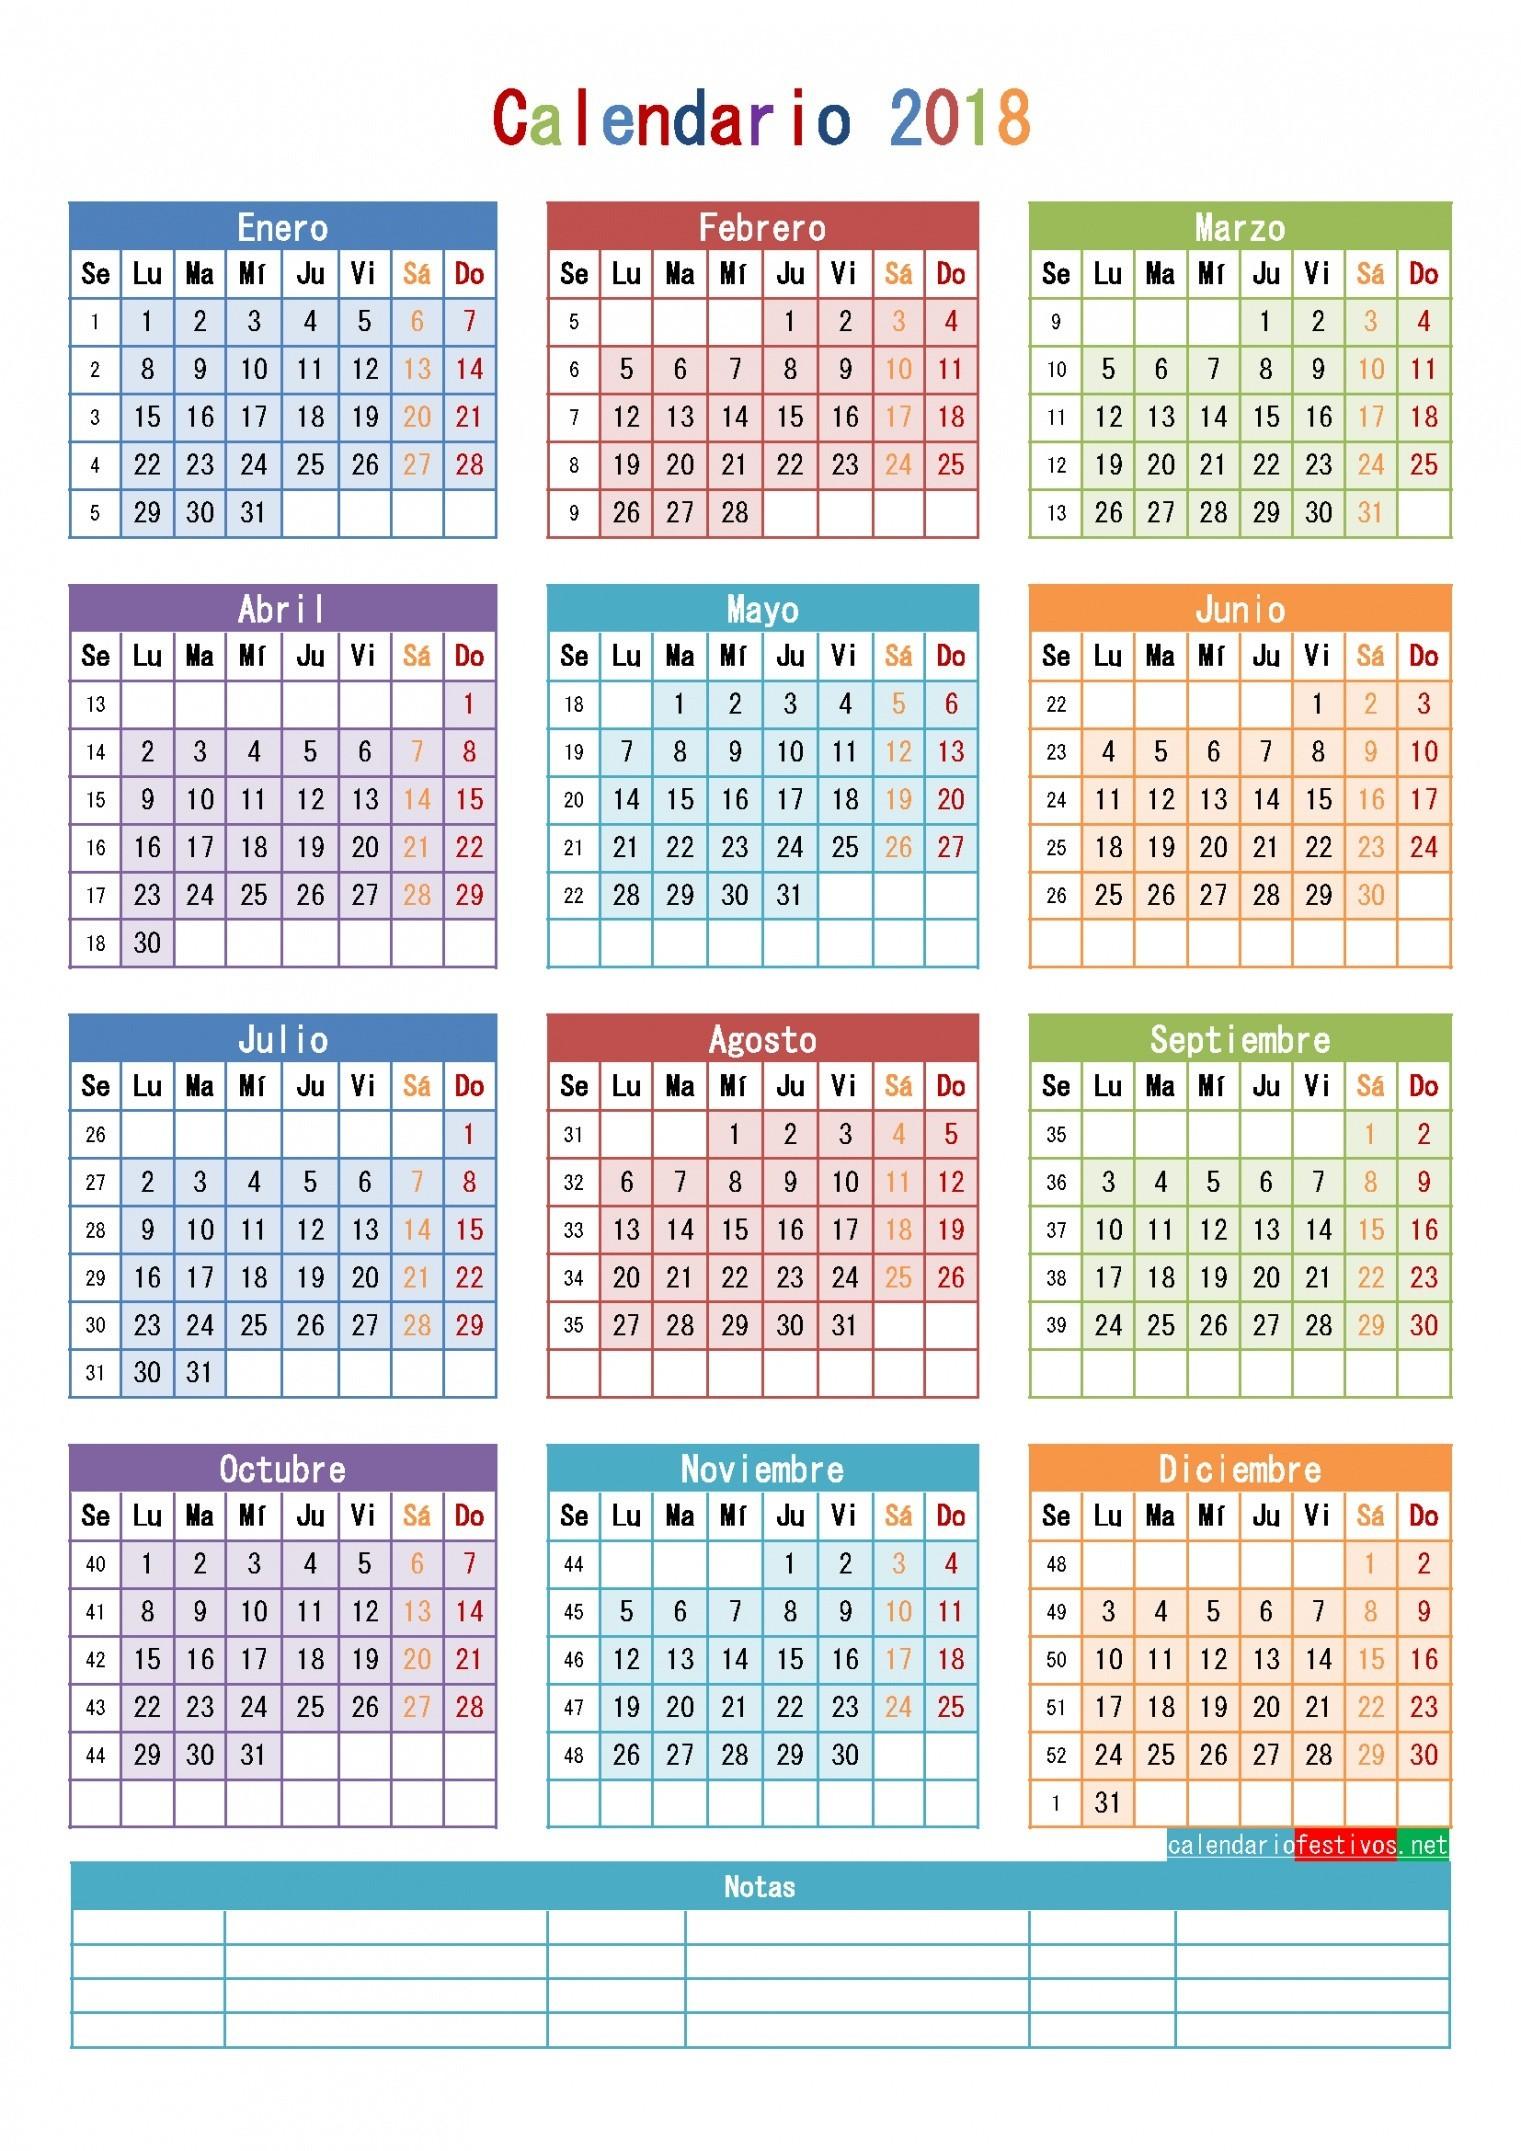 calendario 2019 andalucia mas actual calendario 2018 con festivos fiesta de lamusica medellin of calendario 2019 andalucia